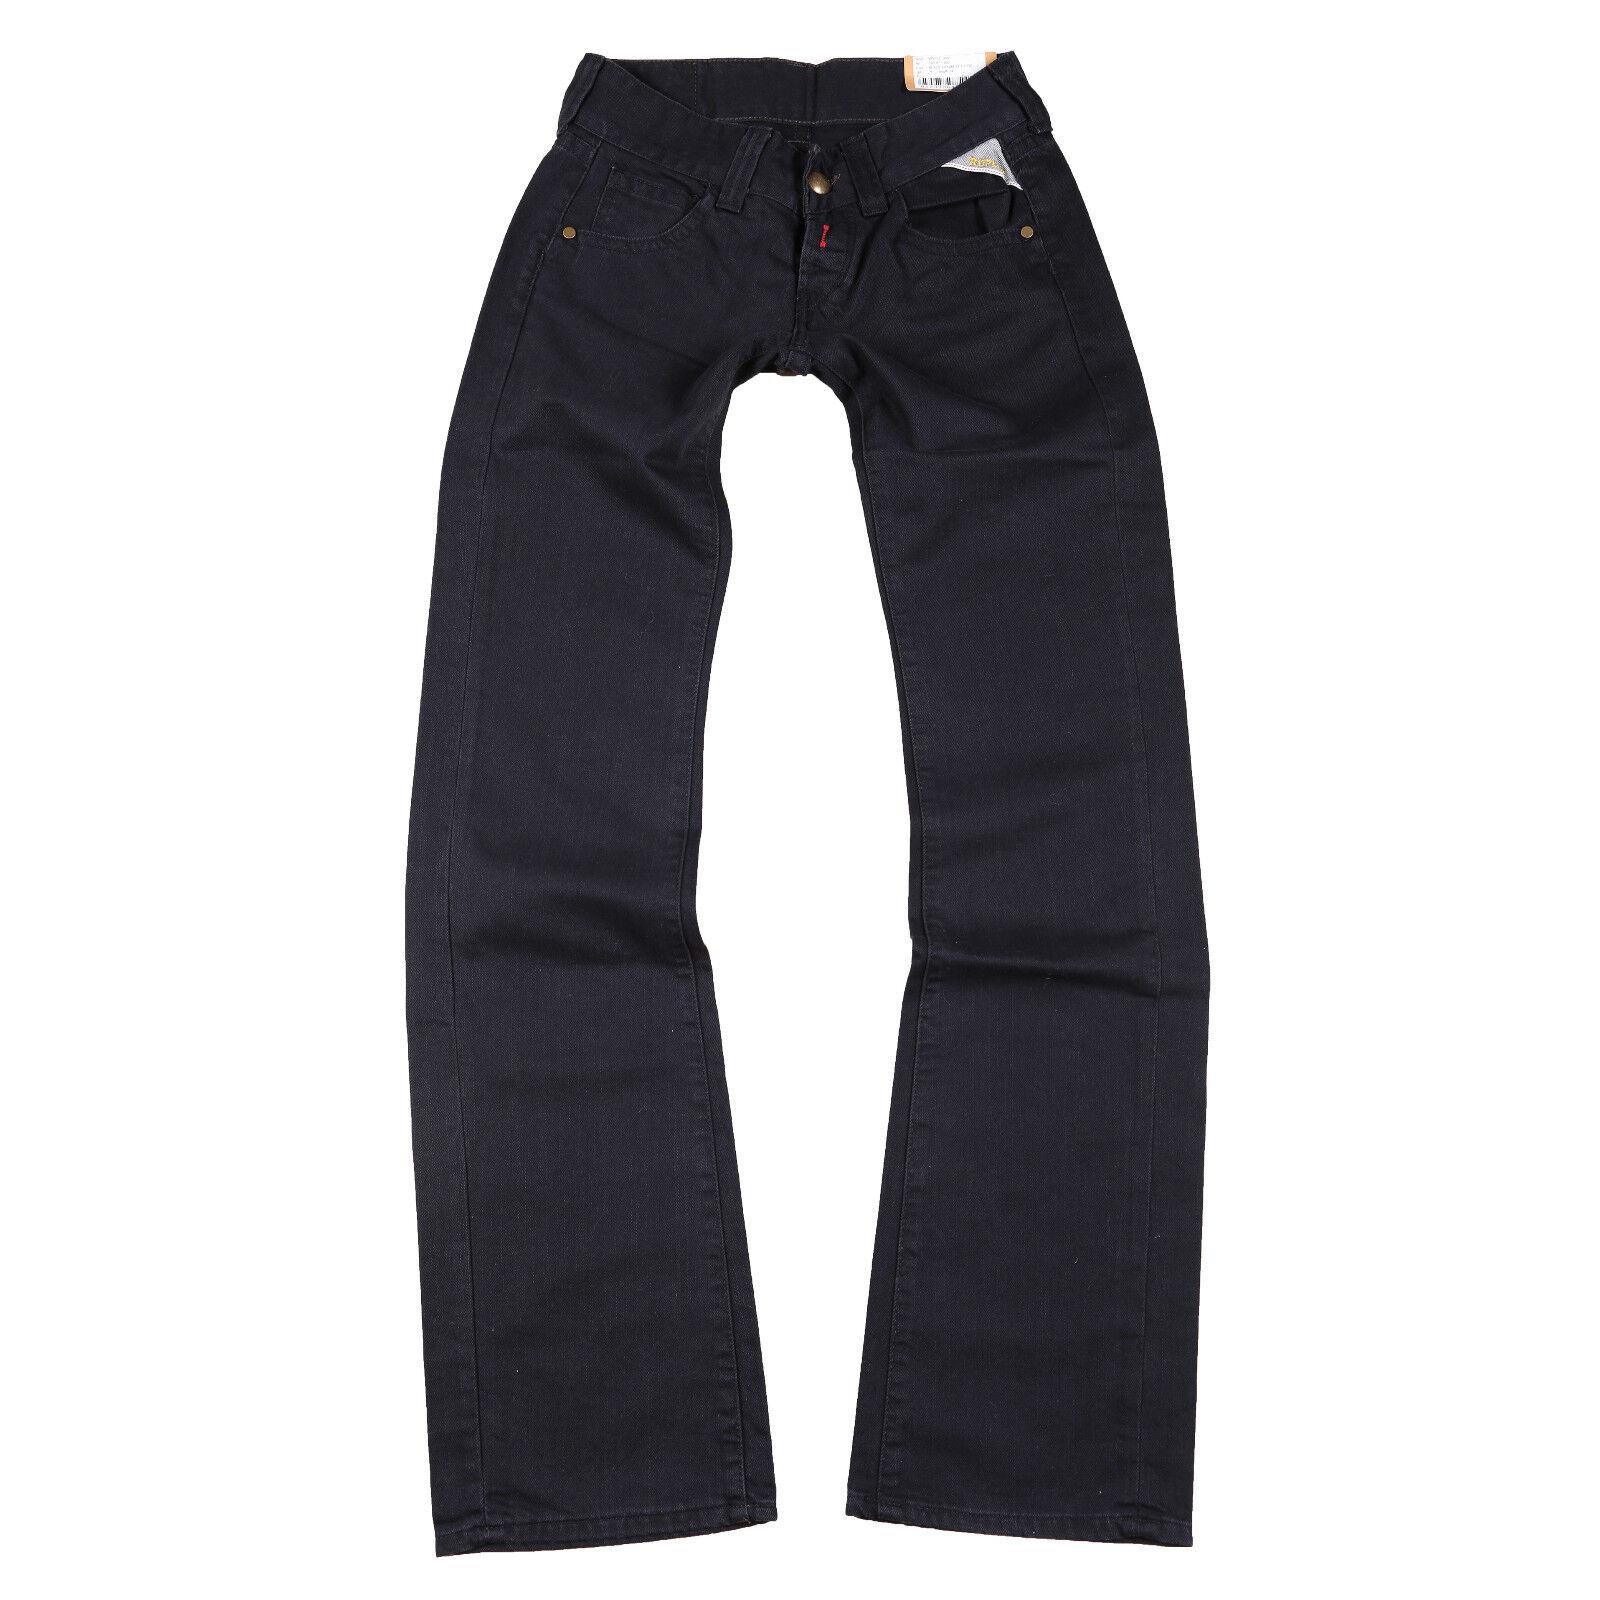 Nueva Replay Modelo - Wv 531 . 034 Pantalones Vaqueros de women black W 25L 34